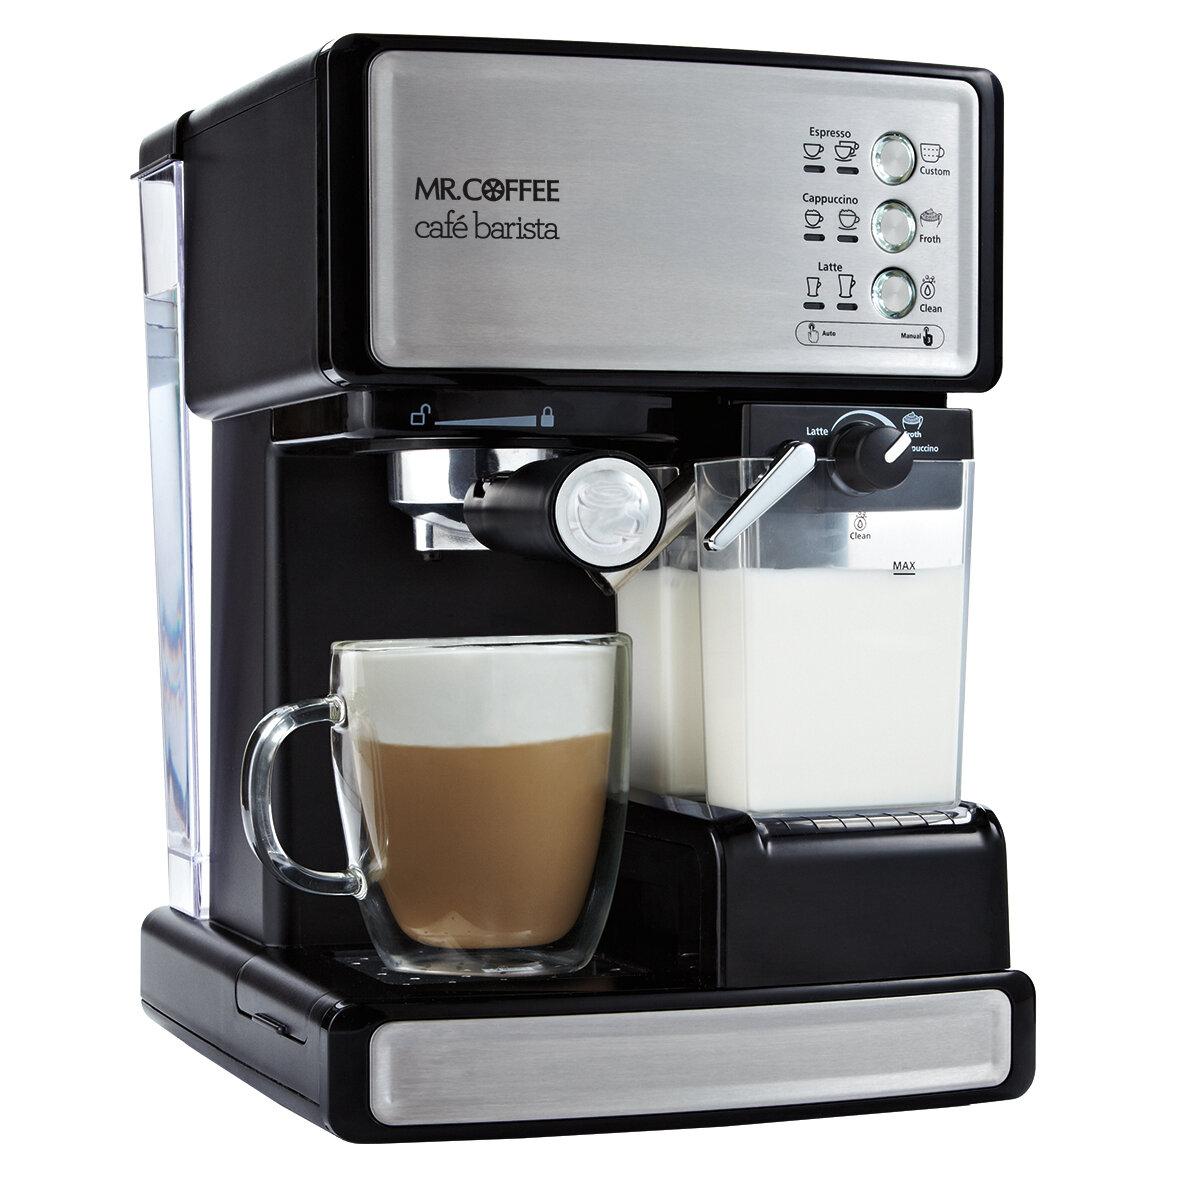 Mr Coffee Cafe Barista Espresso Maker Reviews Wayfair